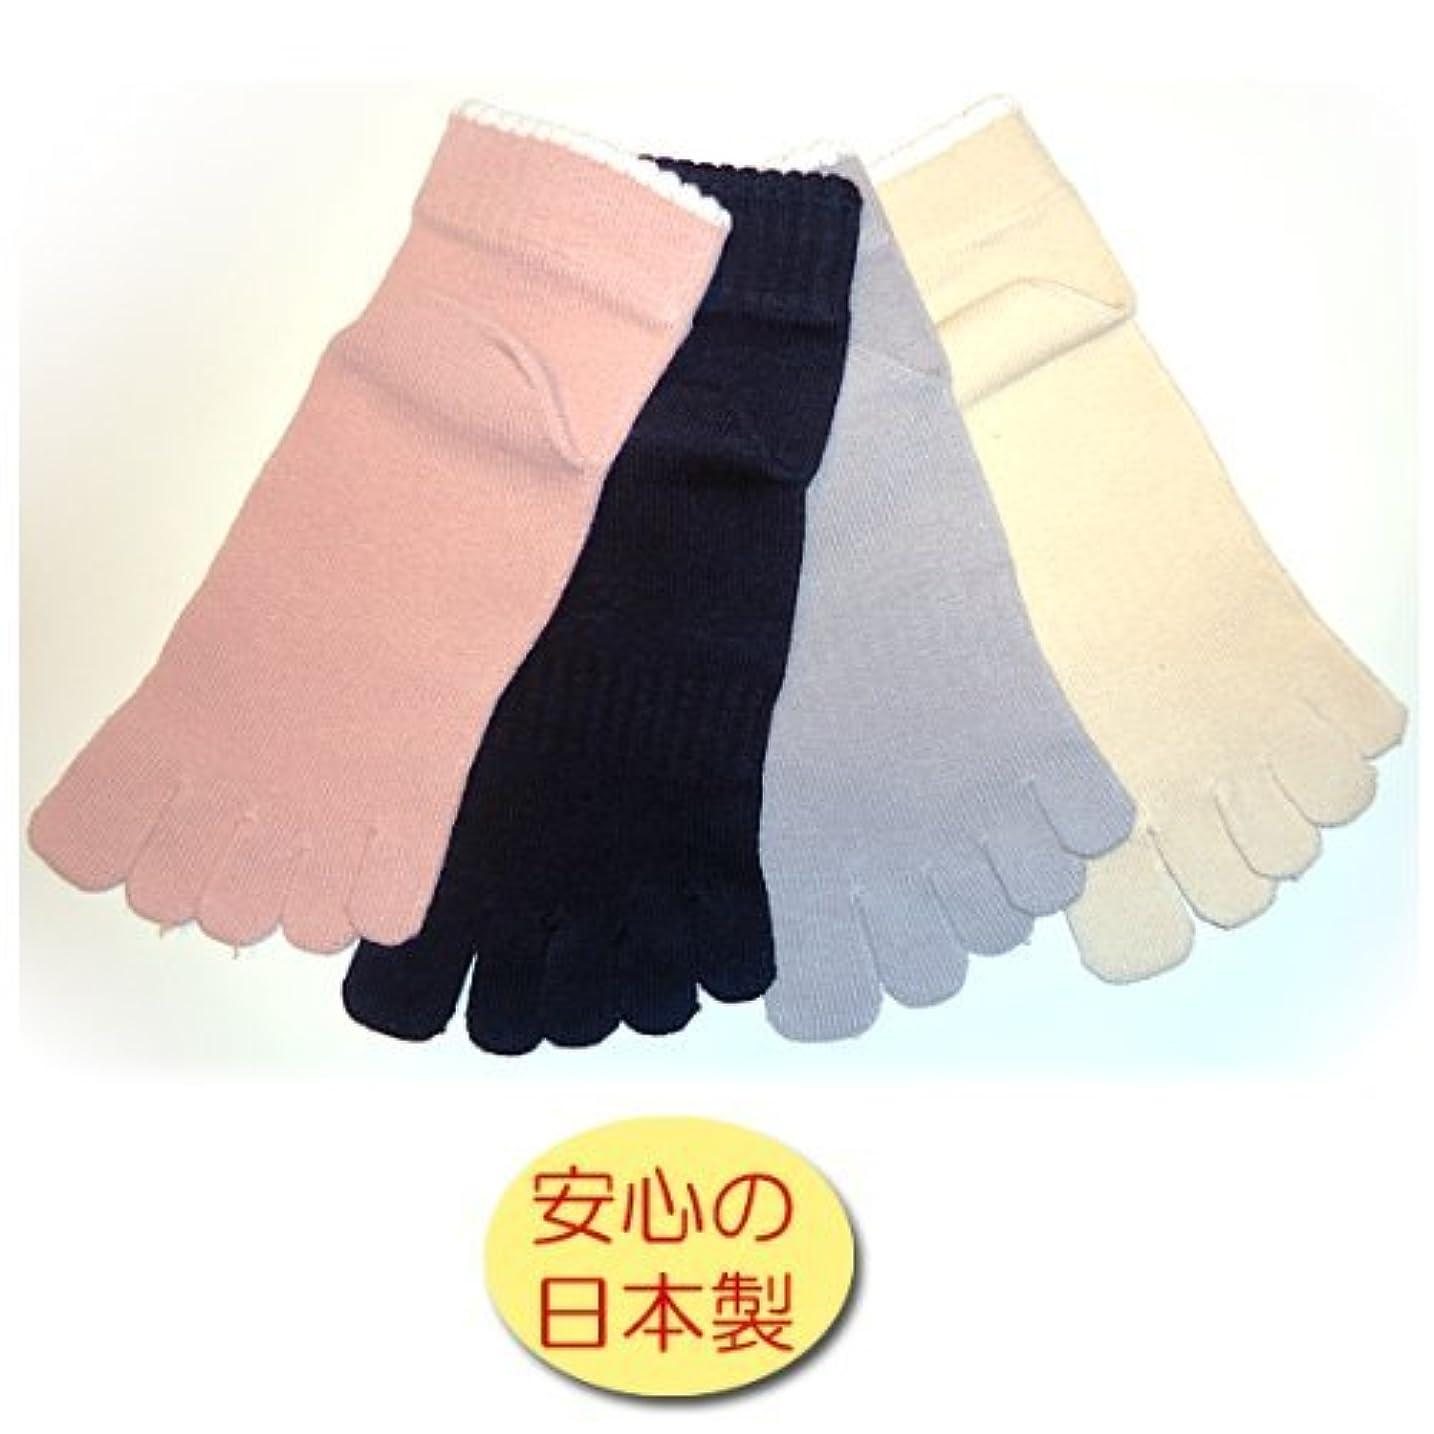 日本製 5本指ソックス ショートソックス【21~25cm】 足に優しい表糸綿100%  お買得4足組